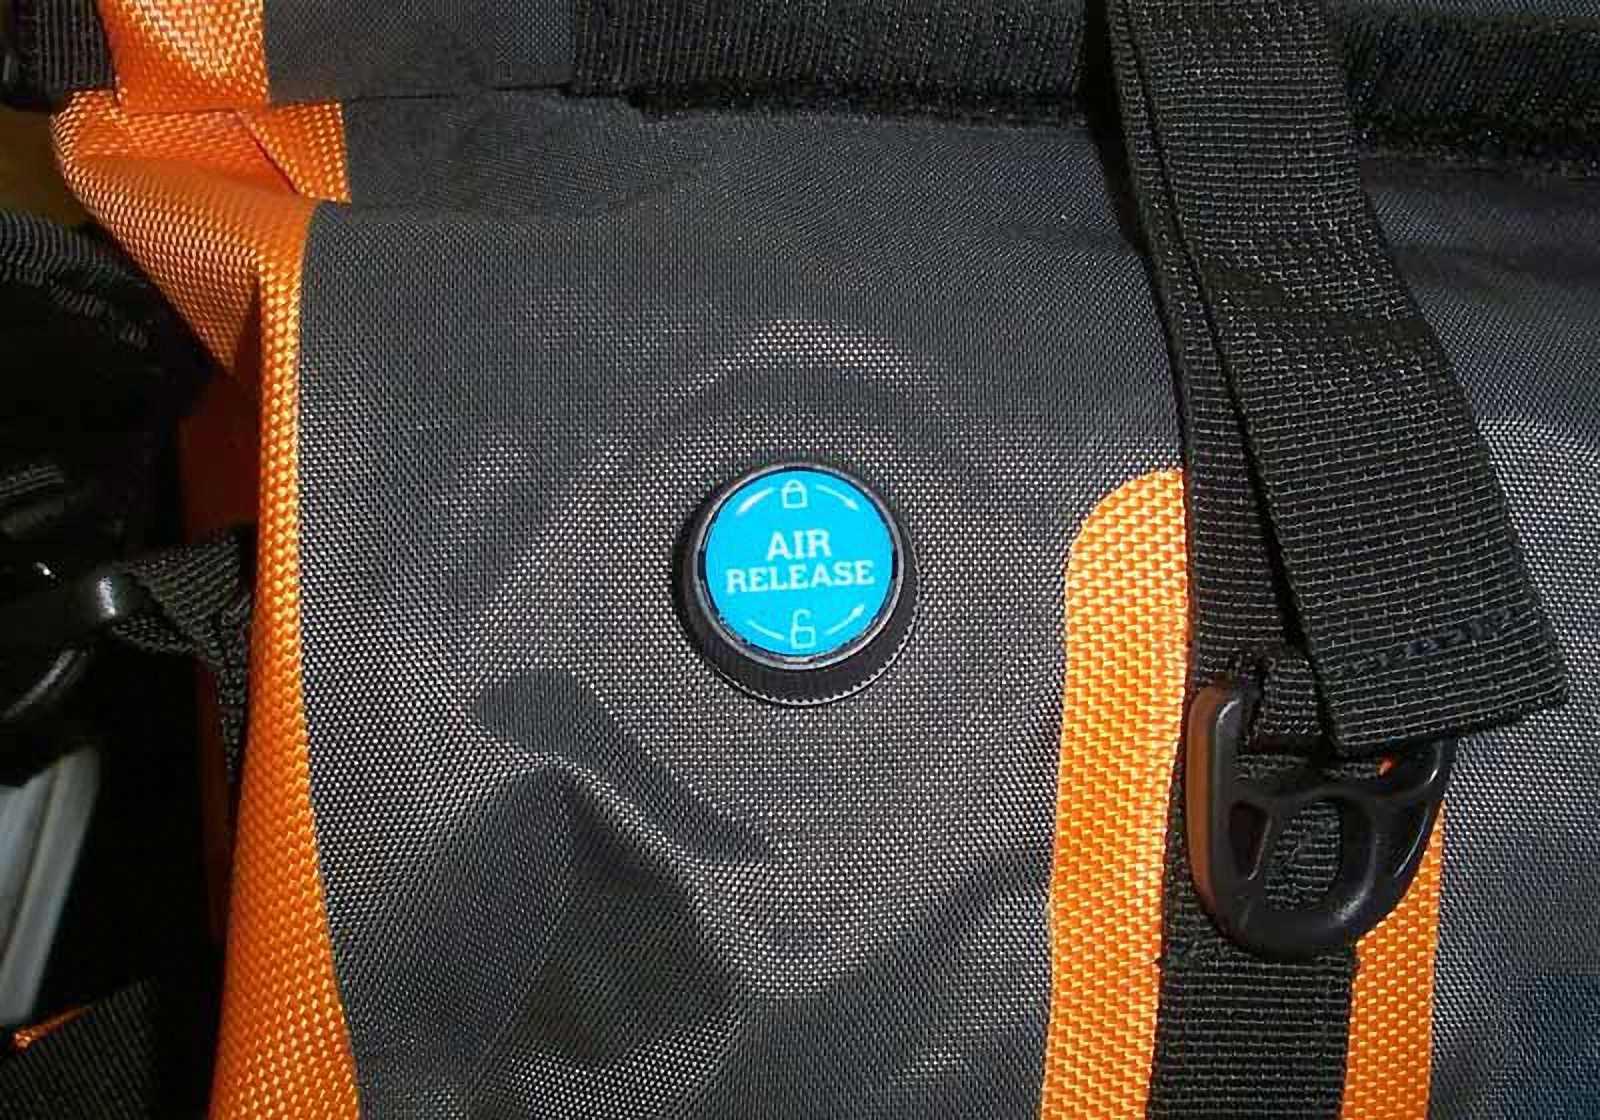 Водонепроницаемая сумка-рюкзак Aquapac 701 - Upano Waterproof Duffel - 40L.. Aquapac - №1 в мире водонепроницаемых чехлов и сумок. Фото 3